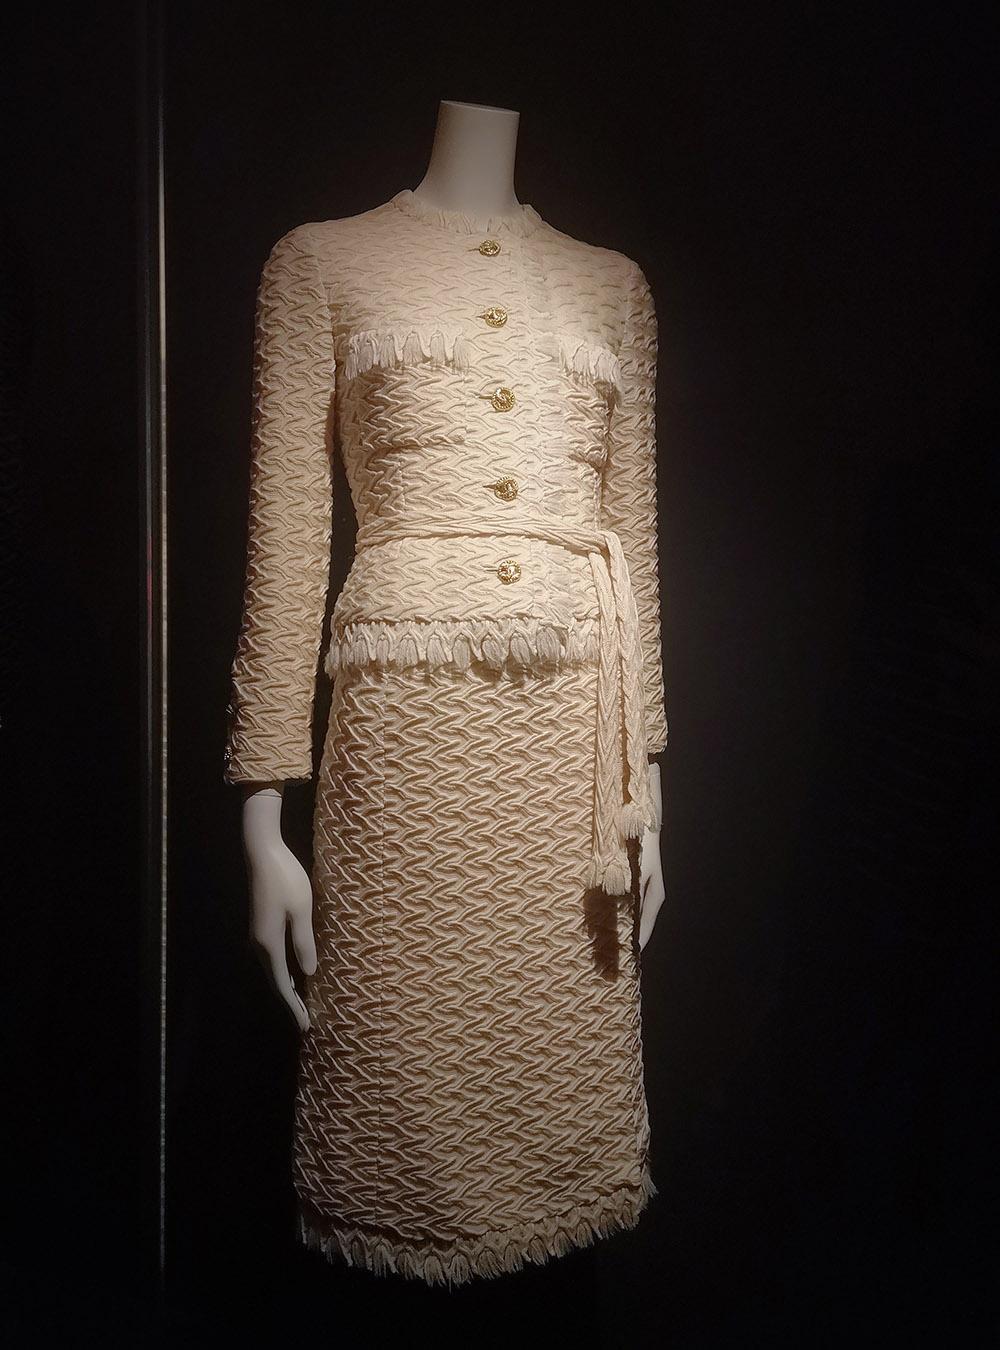 Suit with Jacket, skirt & belt / 1976 / Paris, Musée des Arts Décoratifs